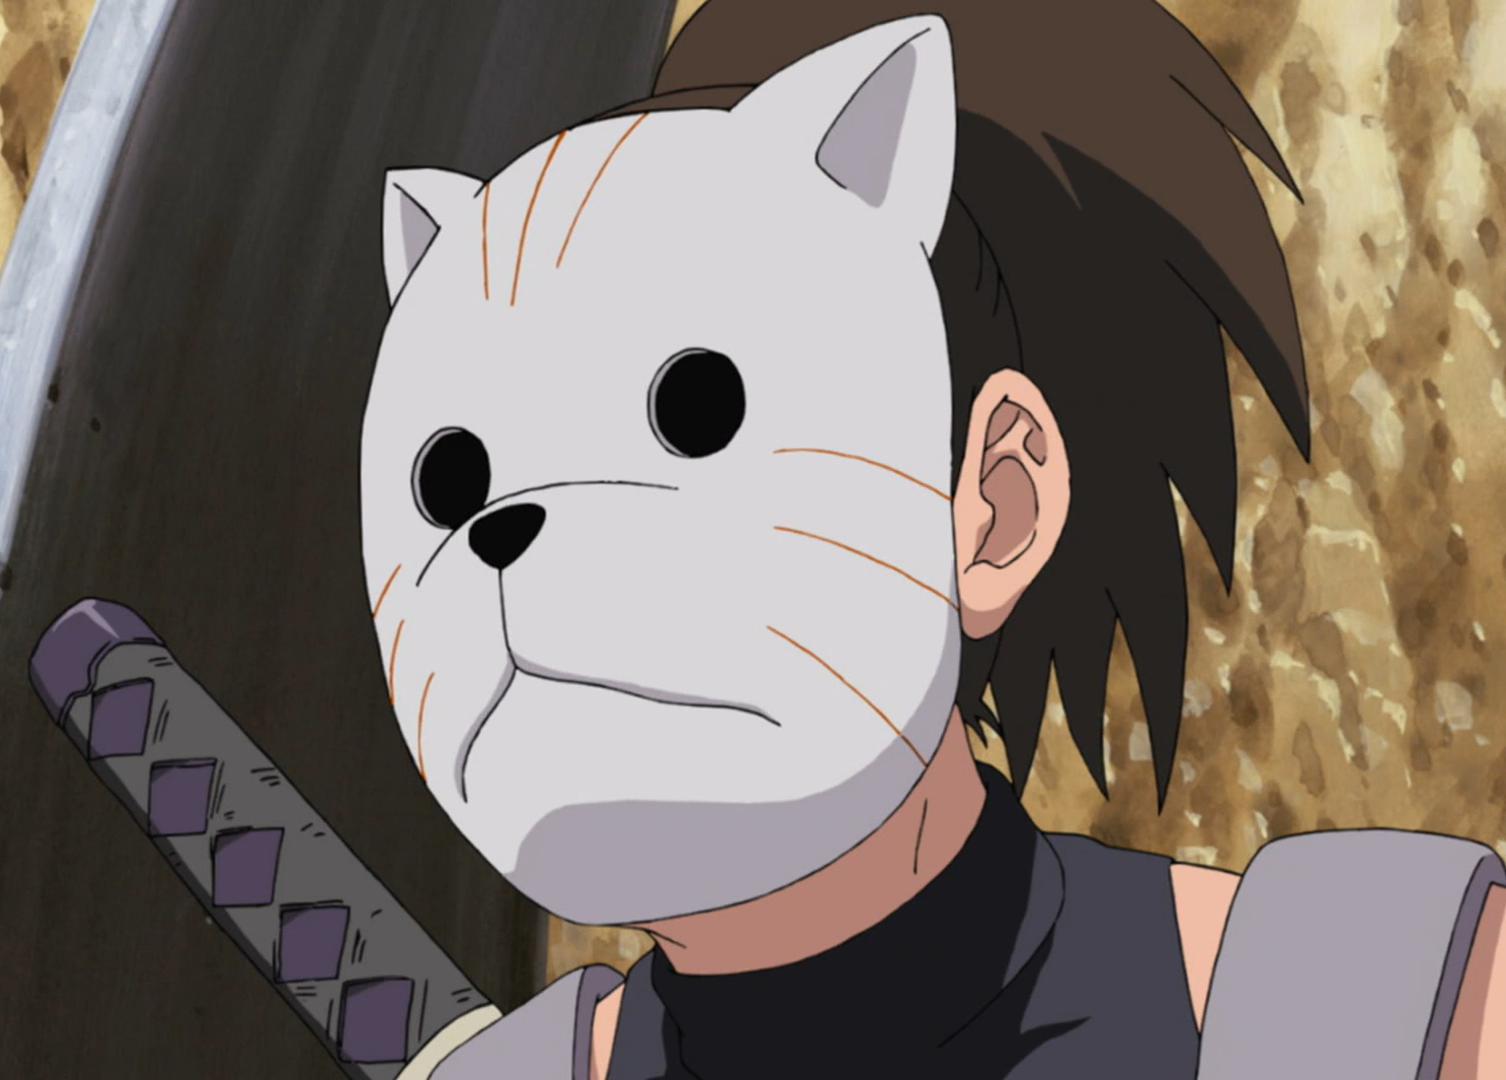 Boruto Anime as well Boruto Uzumaki furthermore Boruto Naruto Film besides Some Spoilers For Boruto besides 2. on himawari uzumaki rasengan